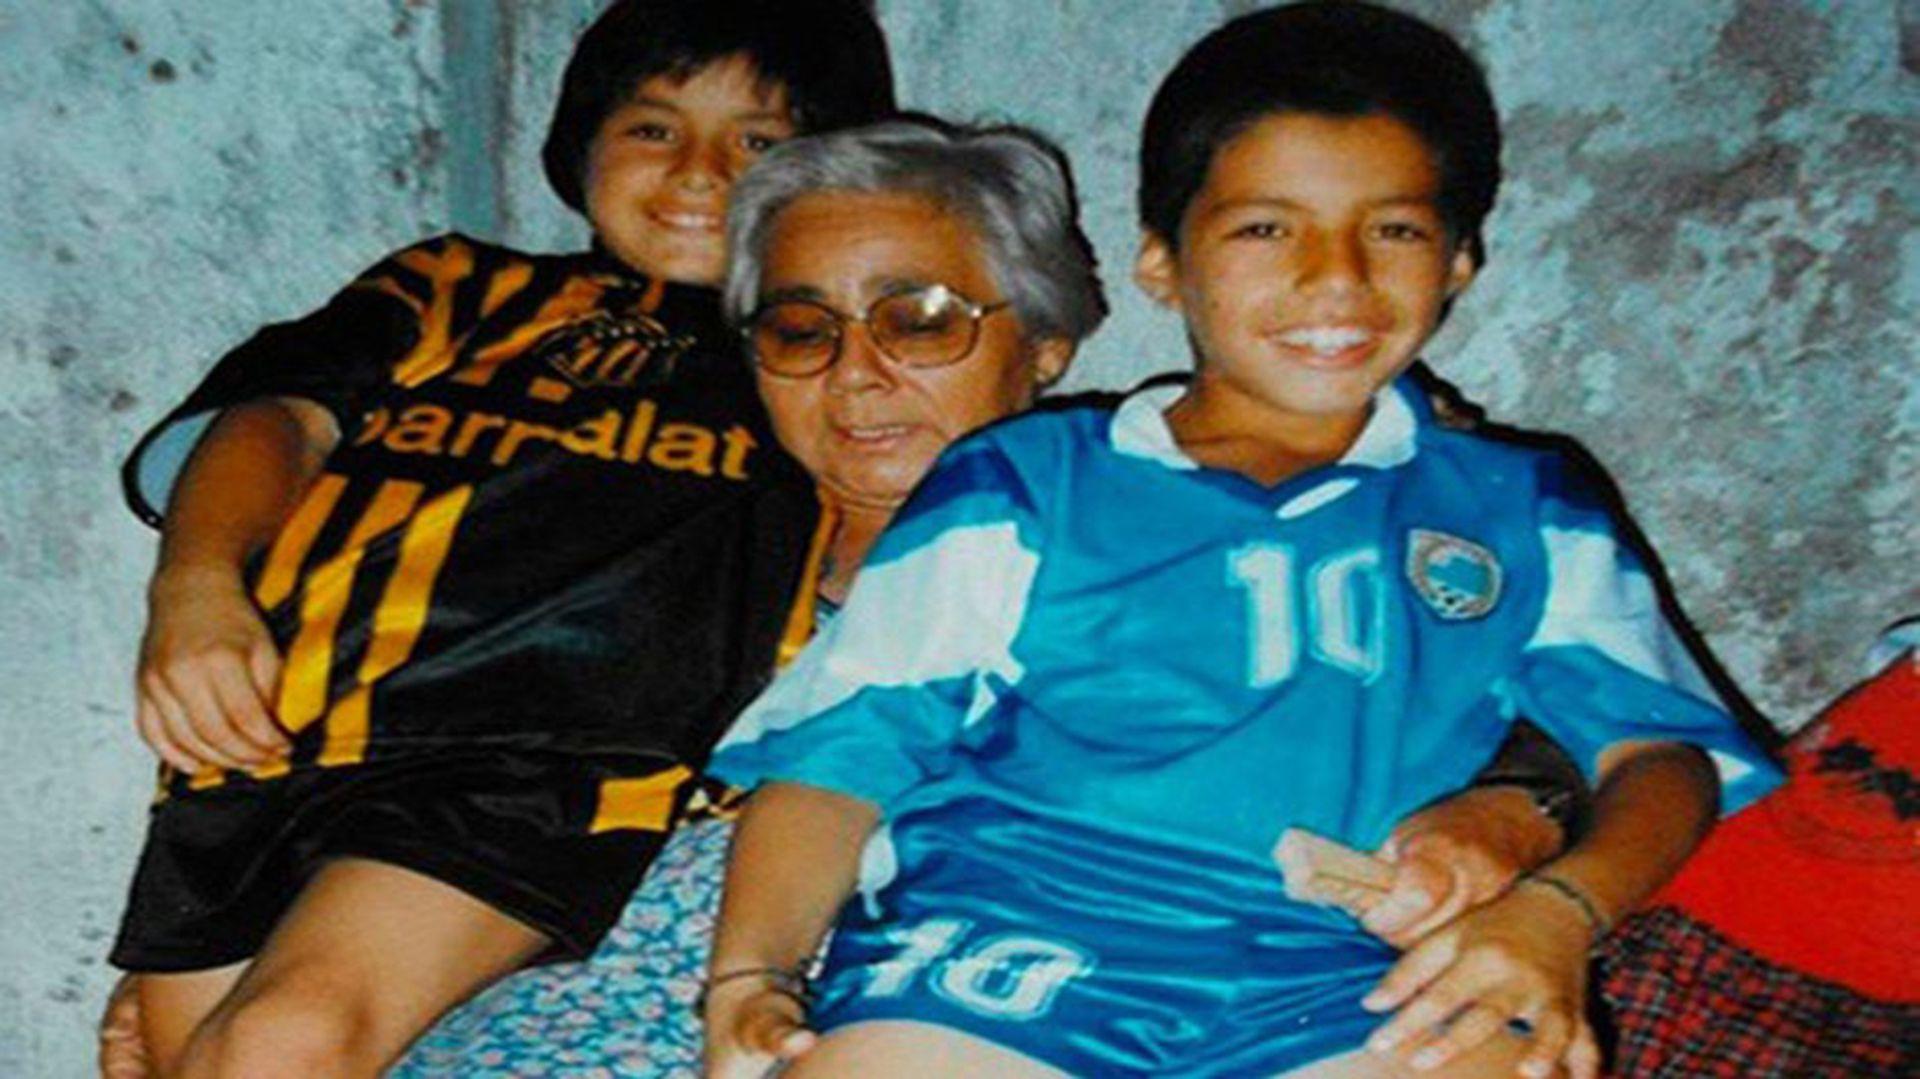 El uruguayo se trasladó a Montevideo cuando era un niño